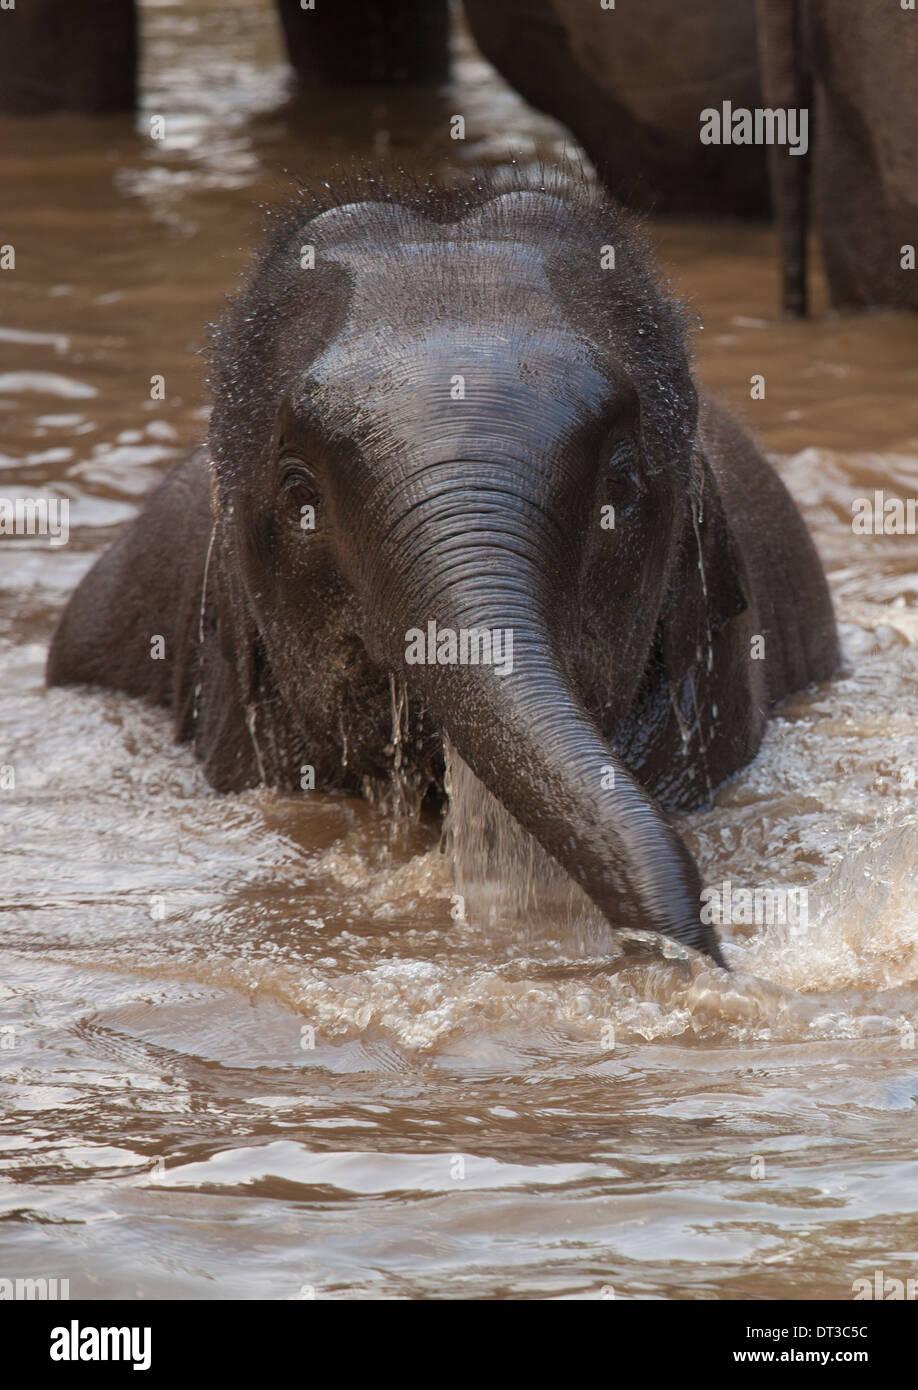 Asian elephants, Bandhavgarh National Park, India - Stock Image